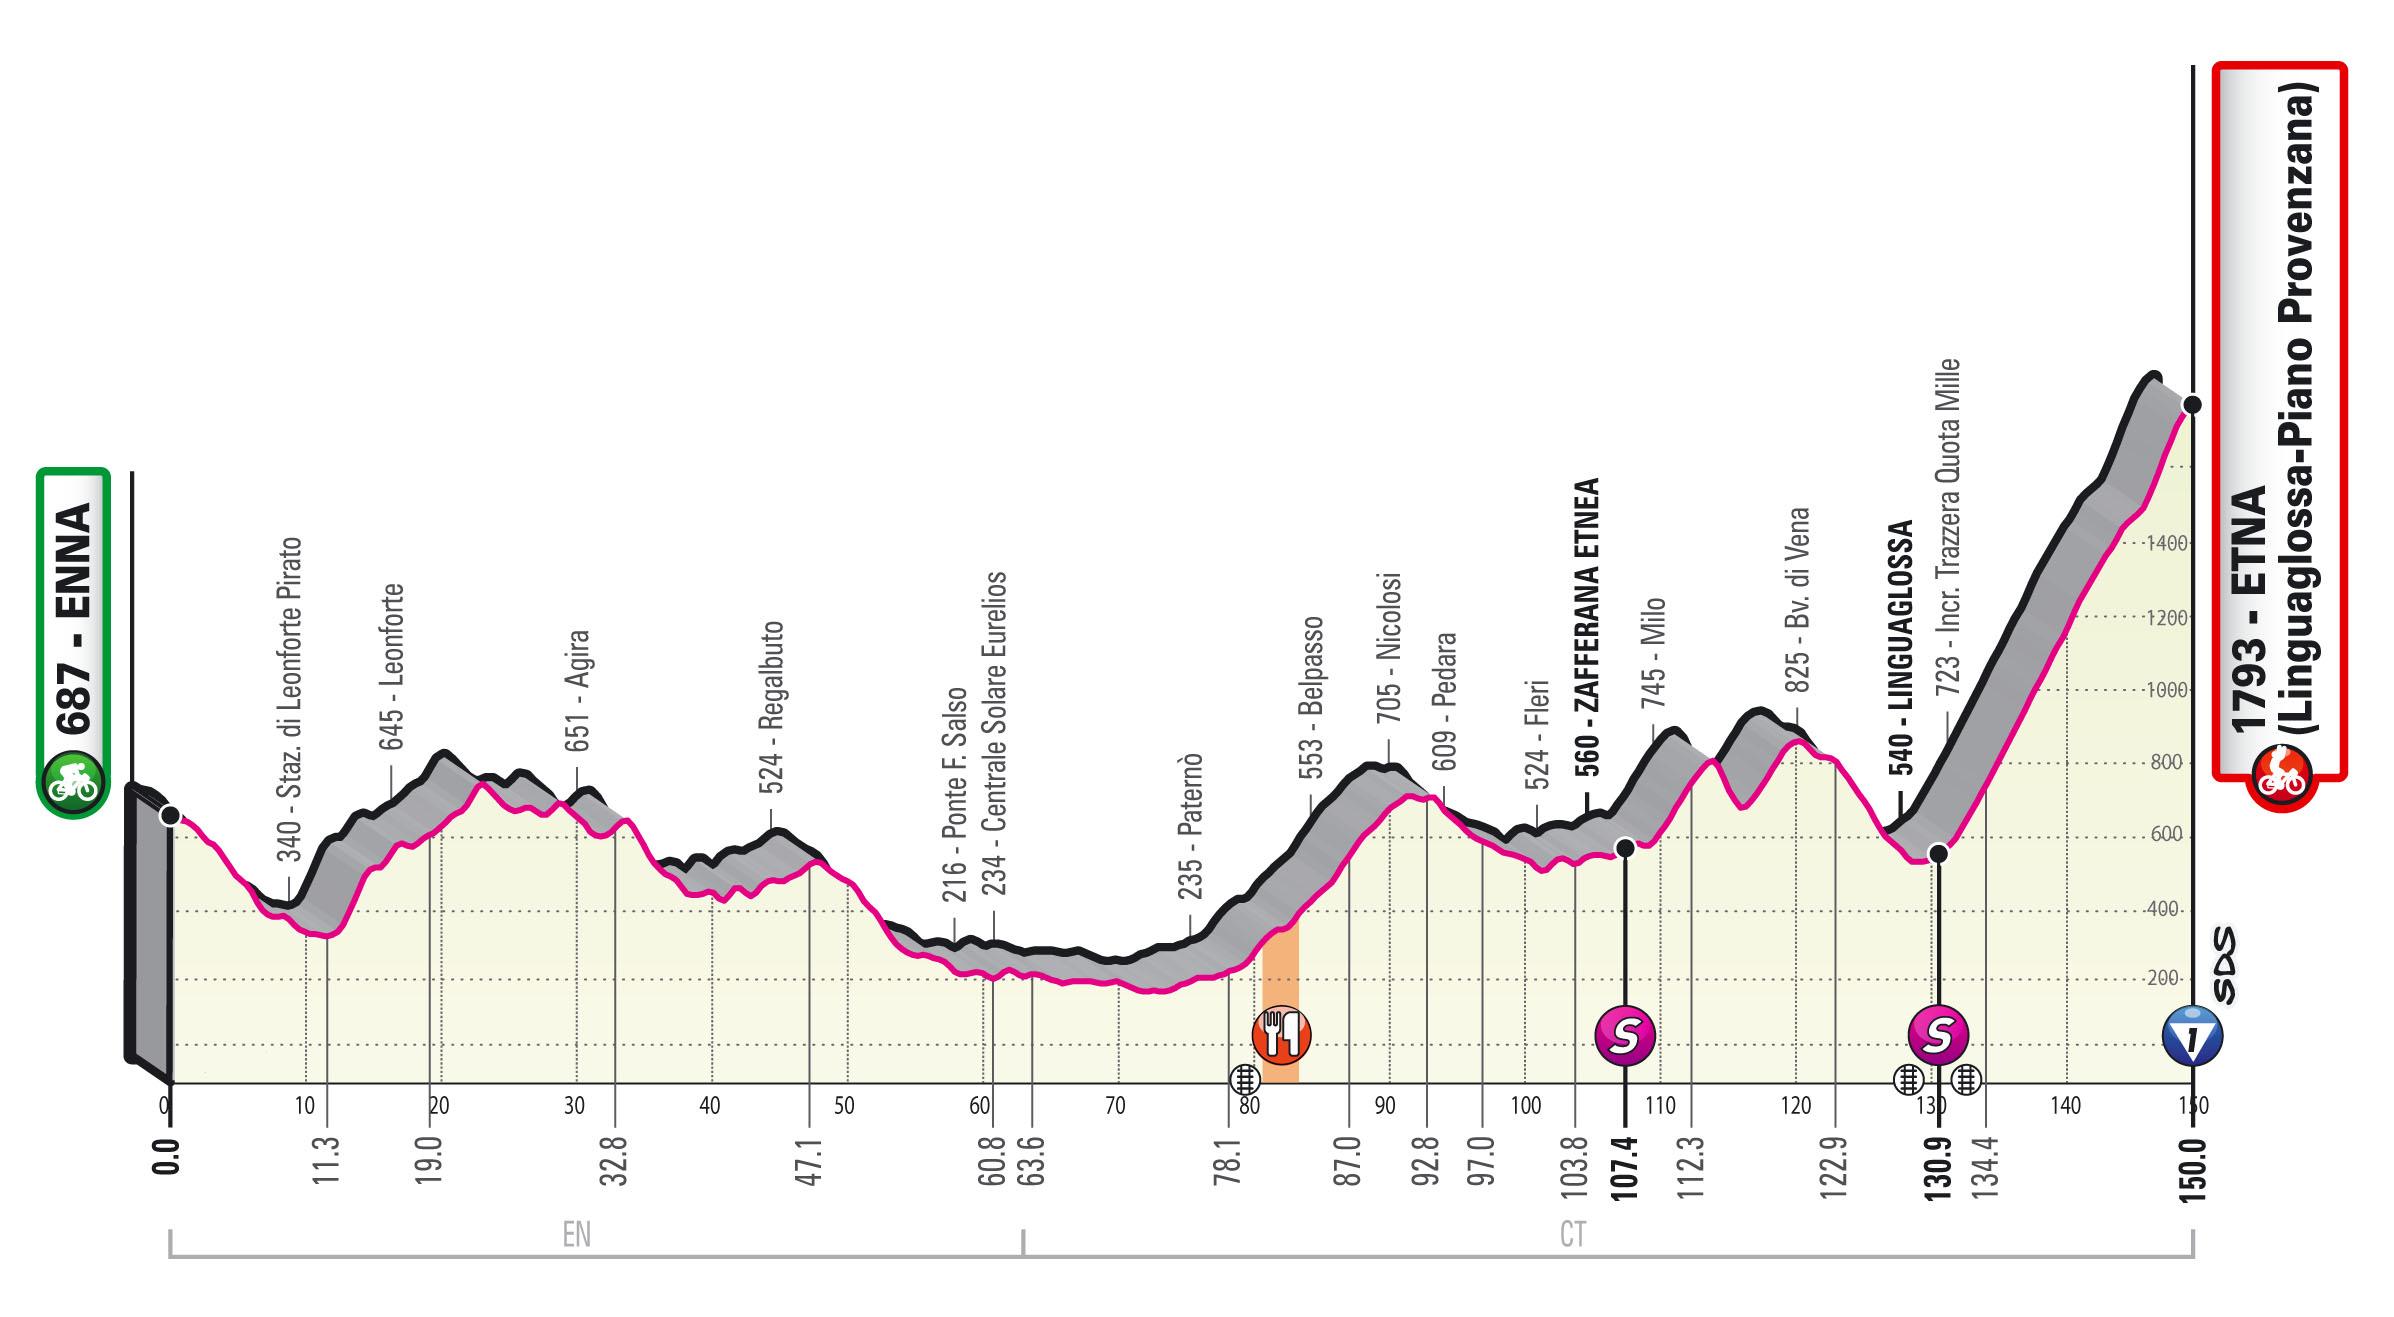 Giro 2020 etappe 3